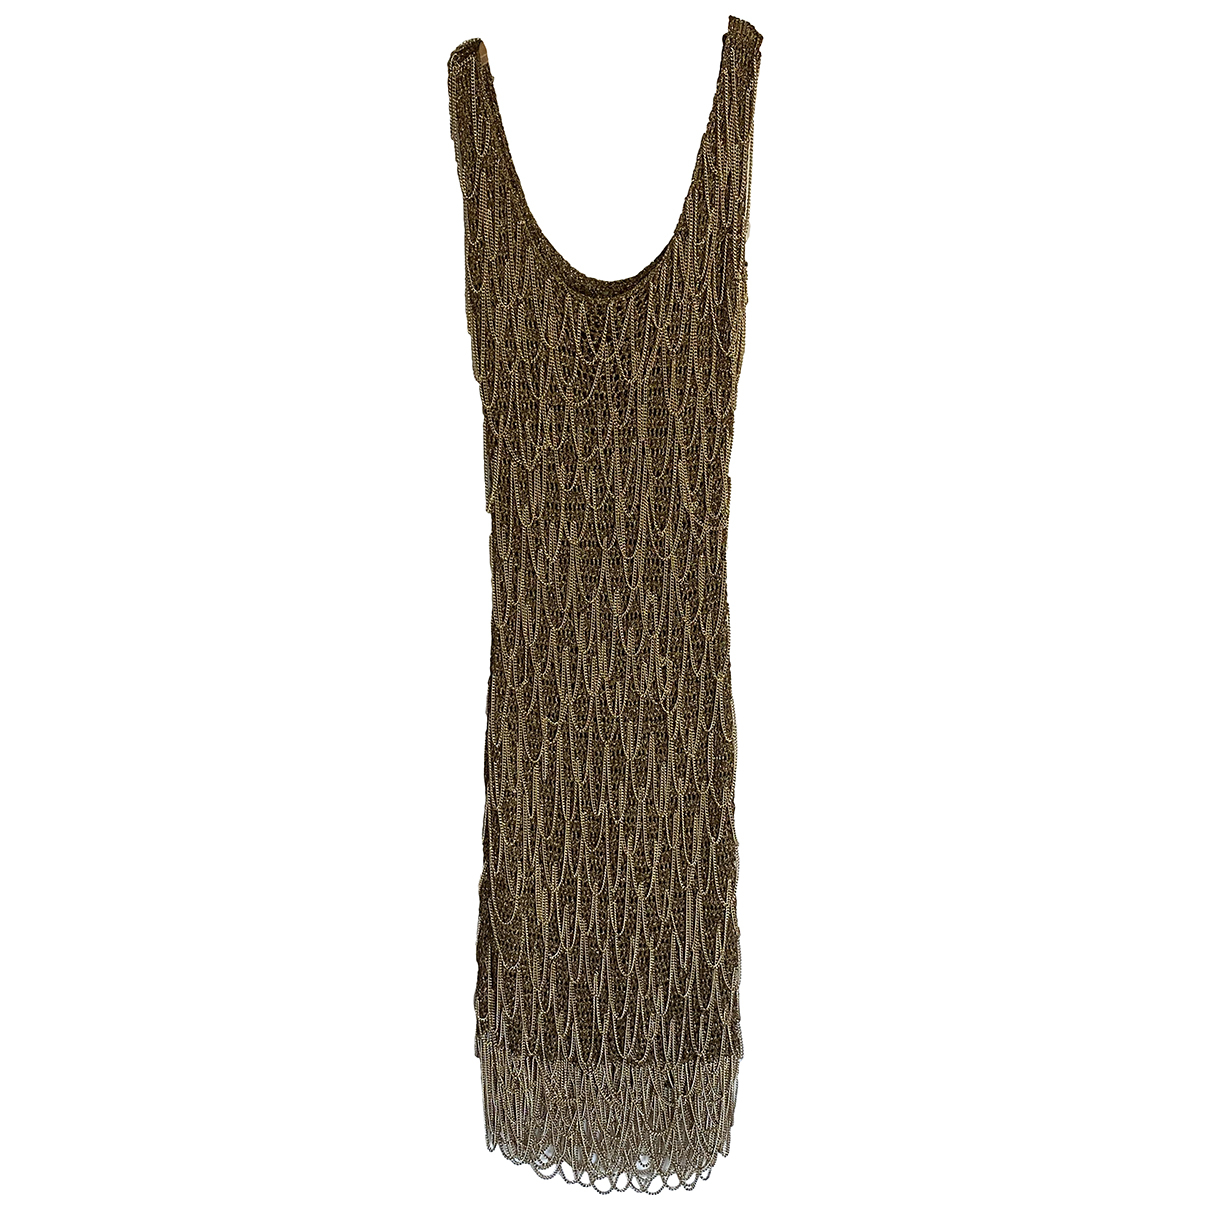 Salvatore Ferragamo - Robe   pour femme en a paillettes - dore